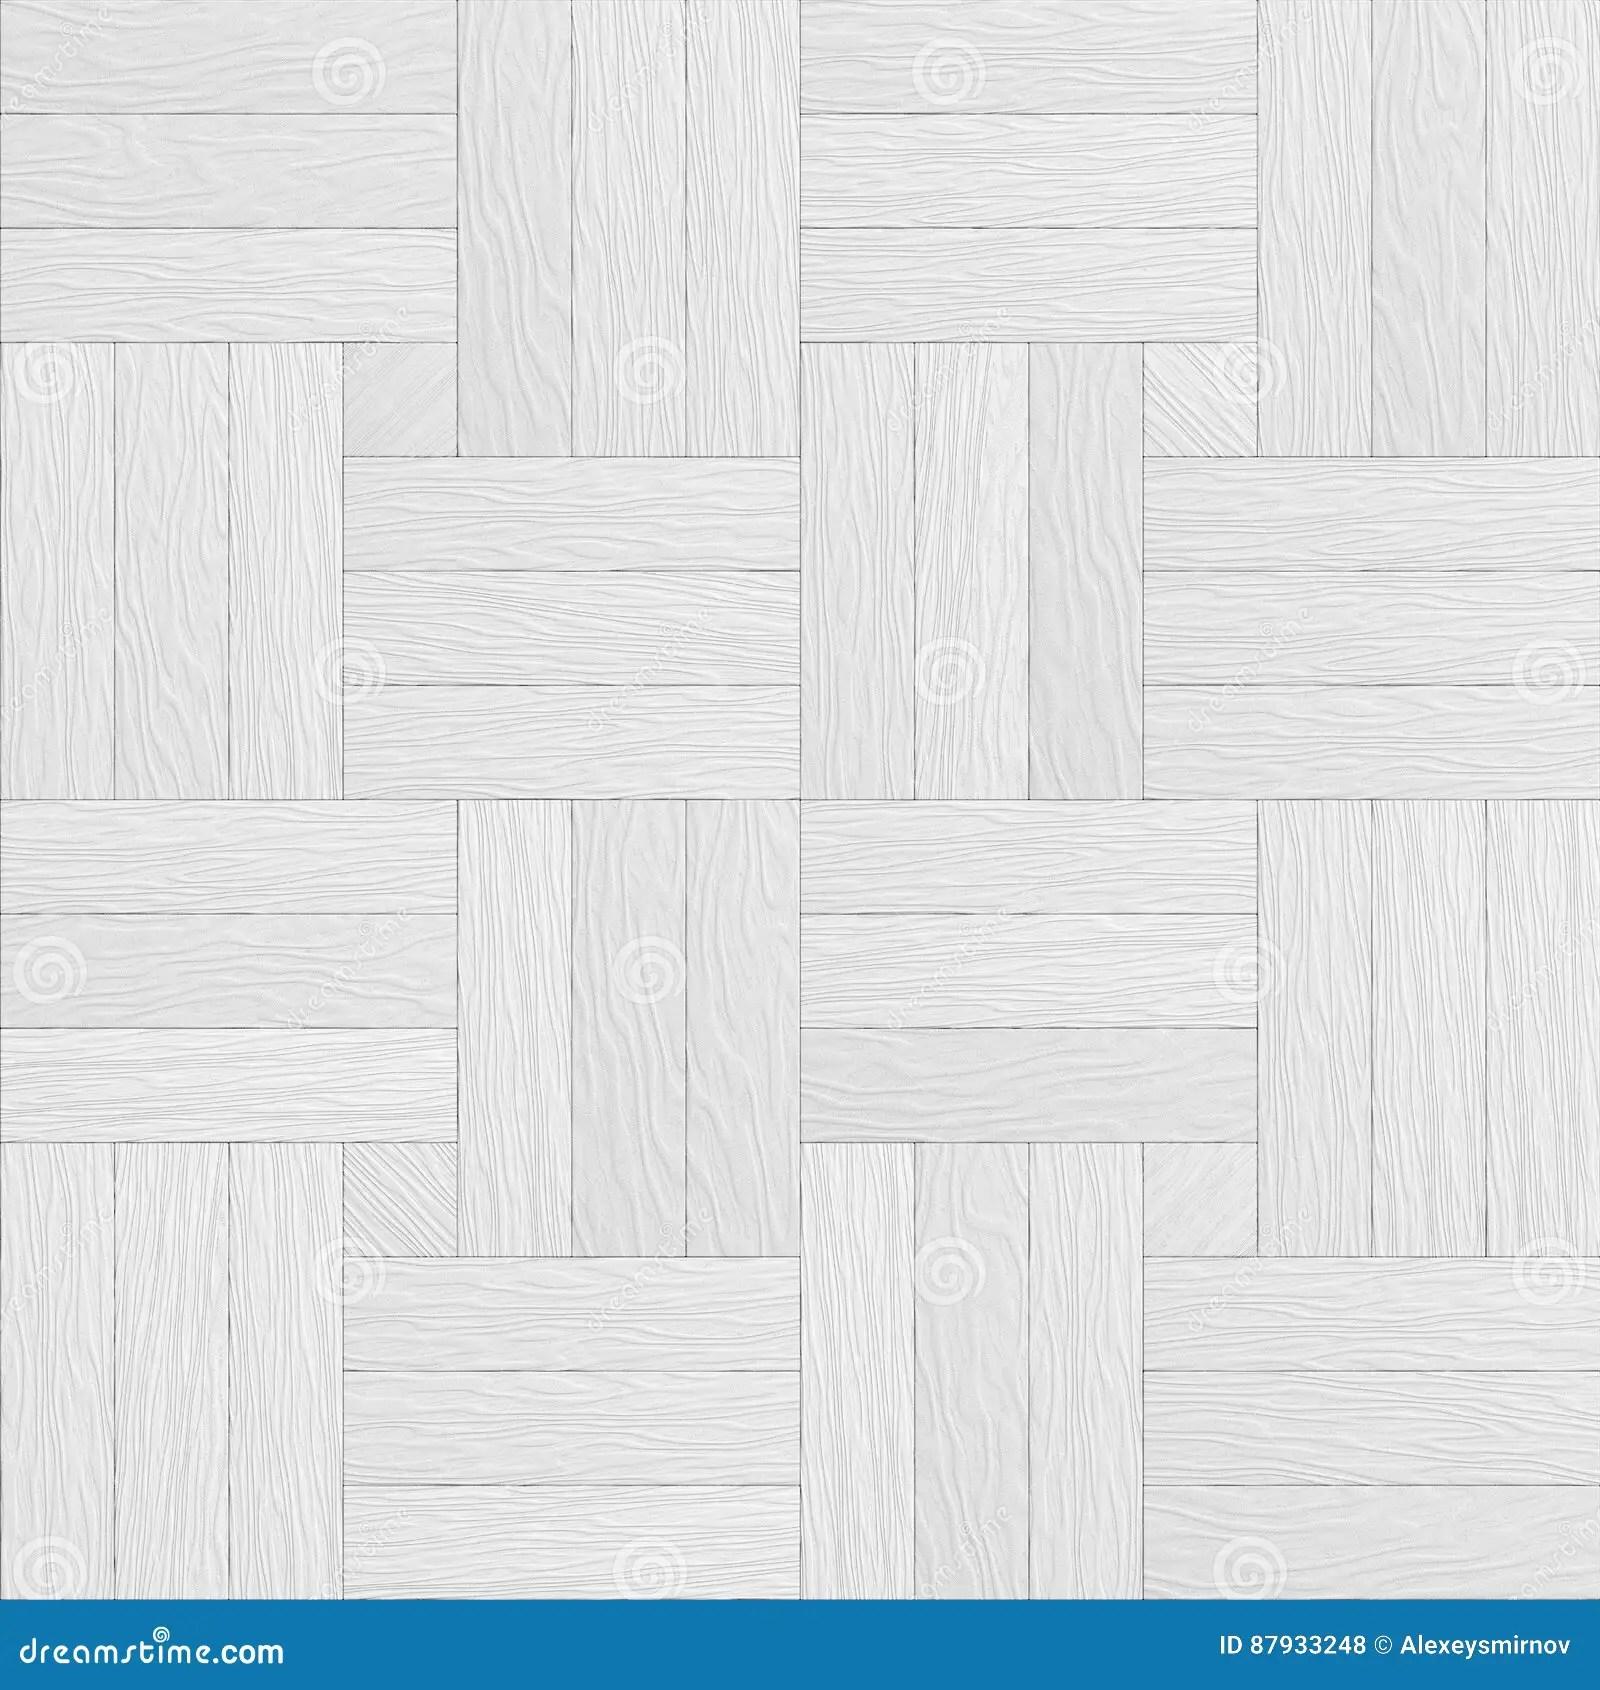 White Wooden Parquet Decor Seamless Texture Stock